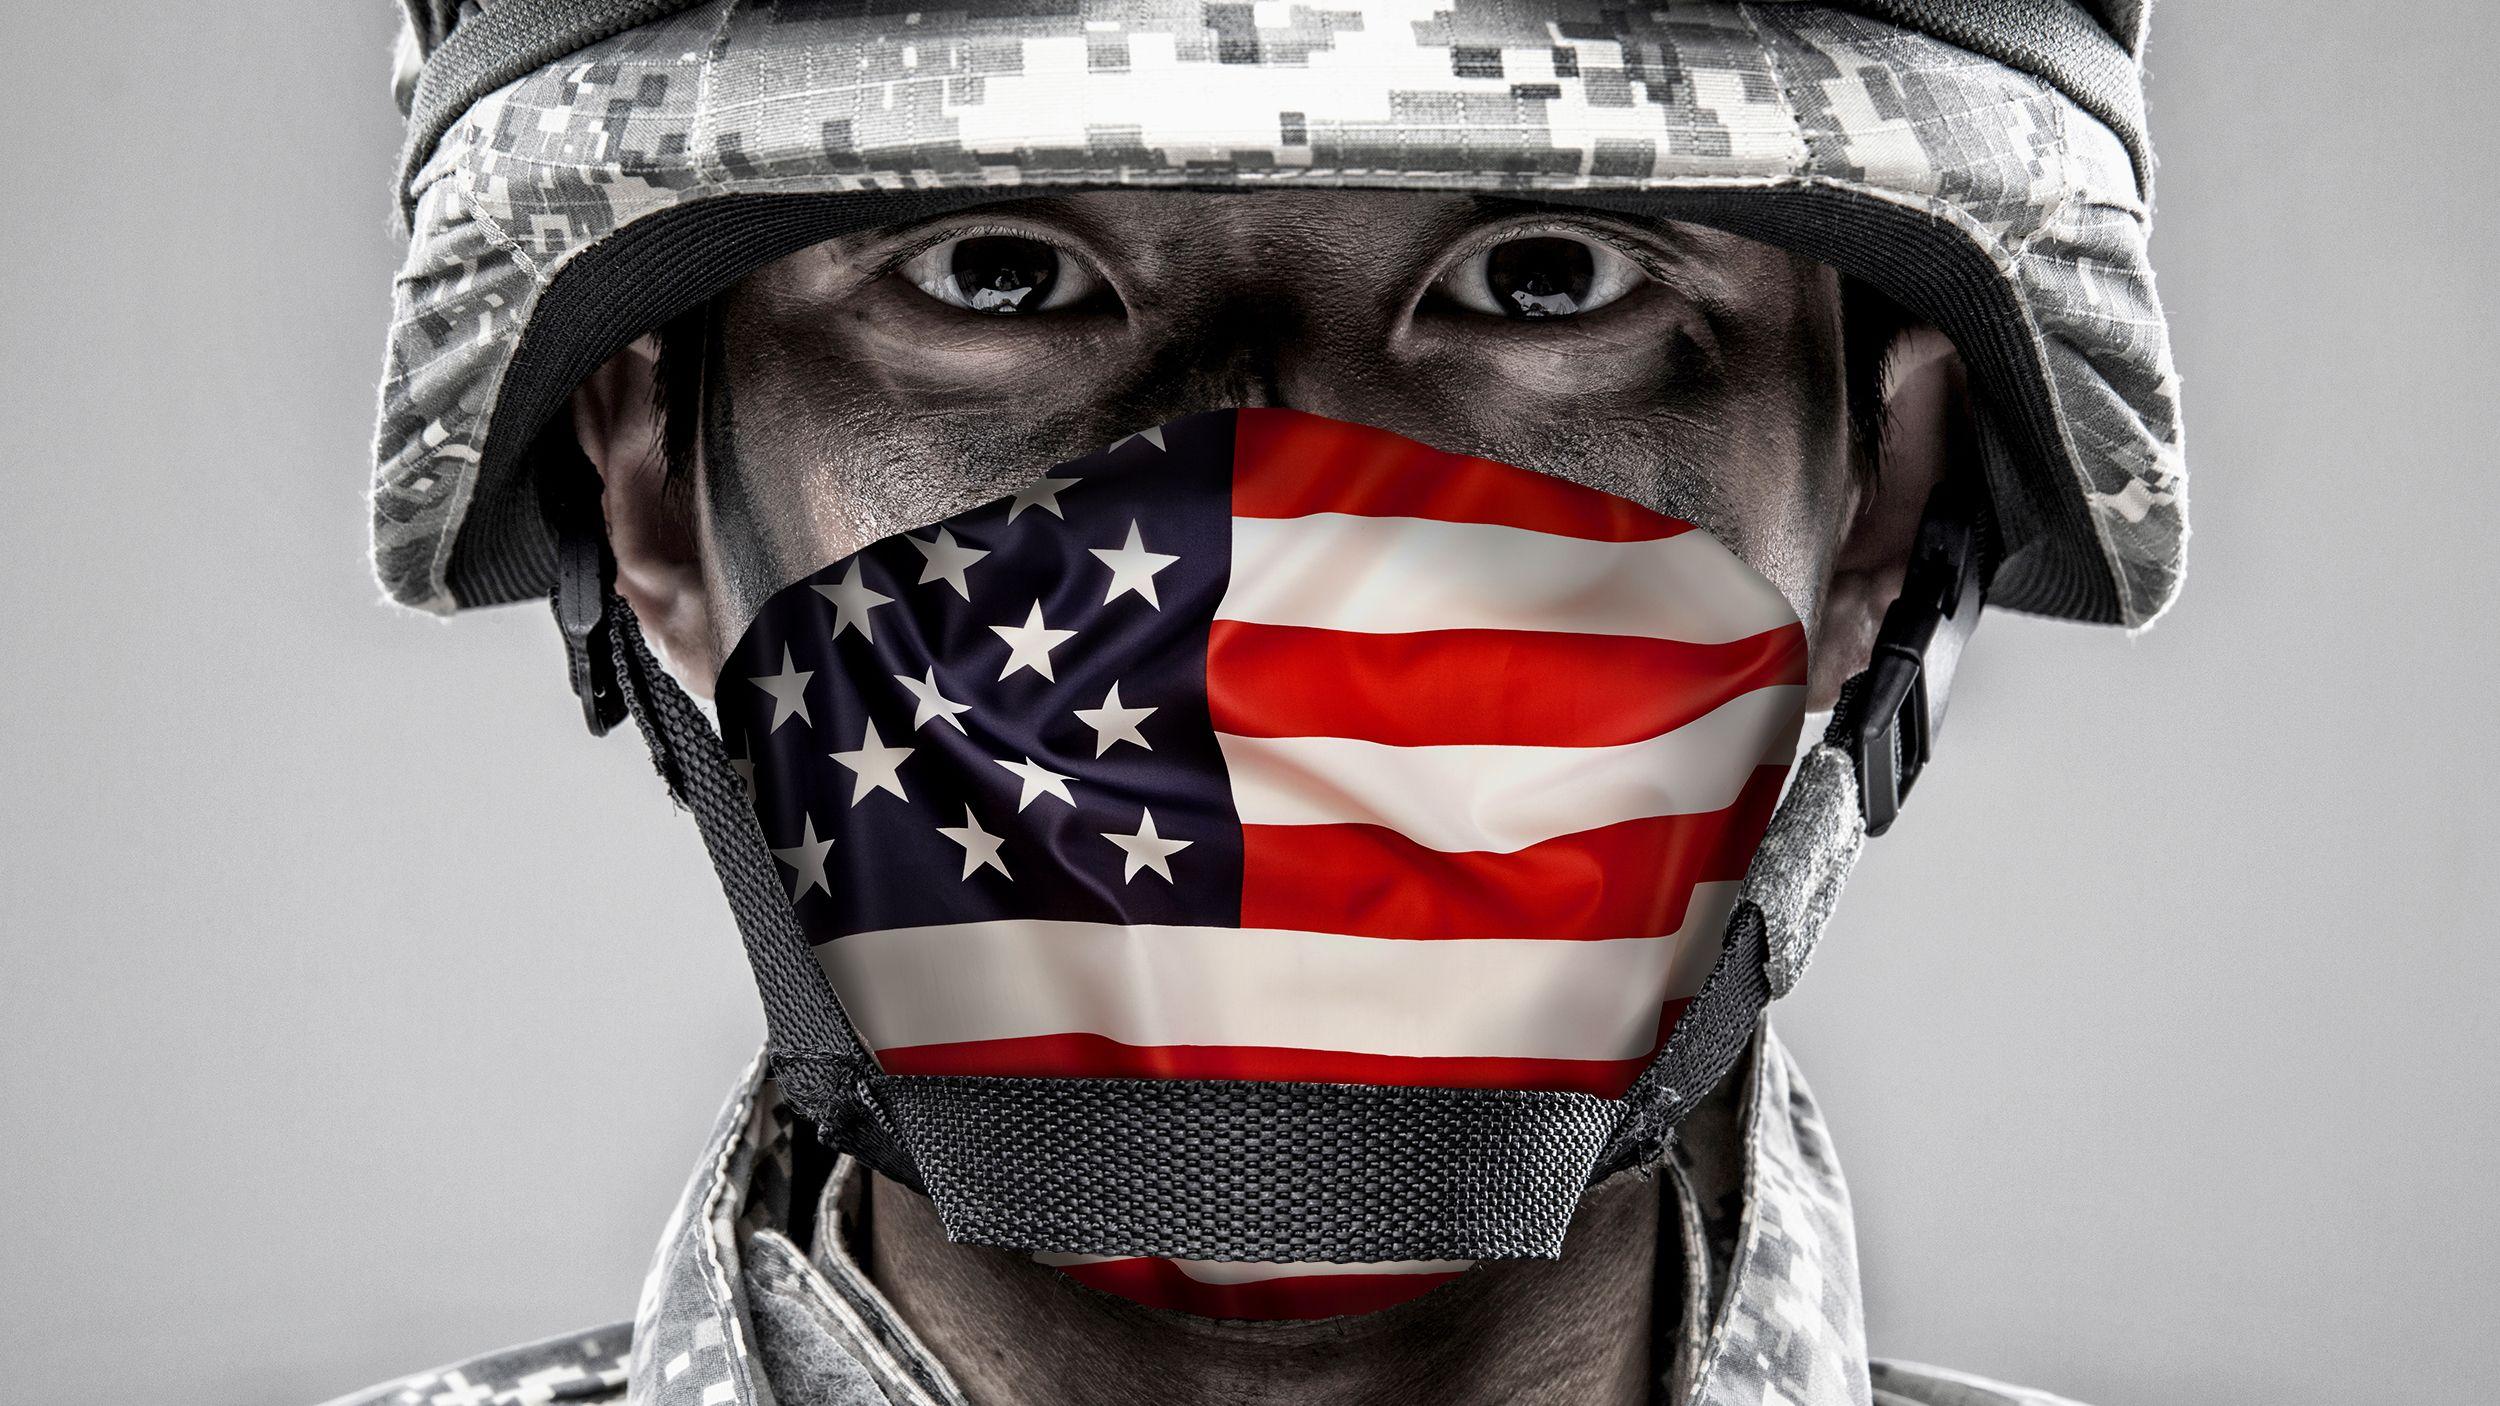 Criminal Girls 2 Wallpaper 4 Veterans Respond To Nfl National Anthem Protests